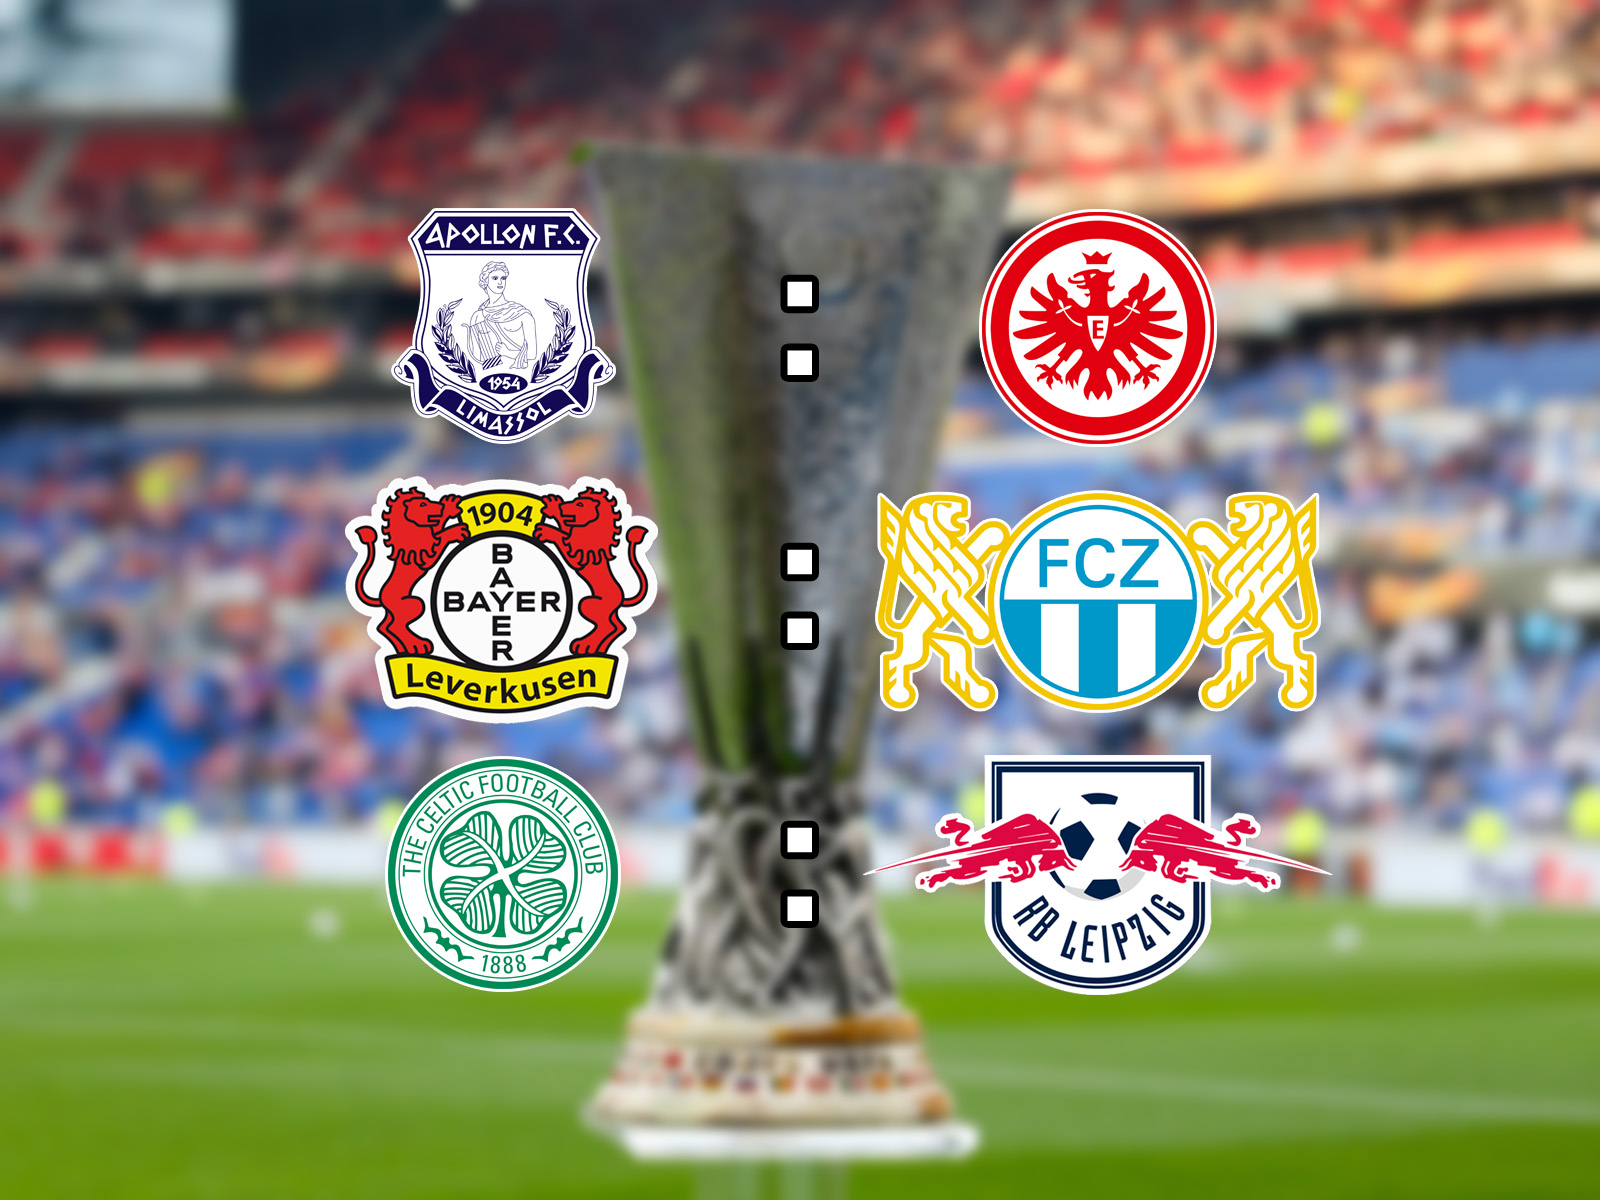 Europa League Live-Ticker: Leverkusen empfängt Zürich, Glasgow gegen Leipzig und Limassol gegen Frankfurt